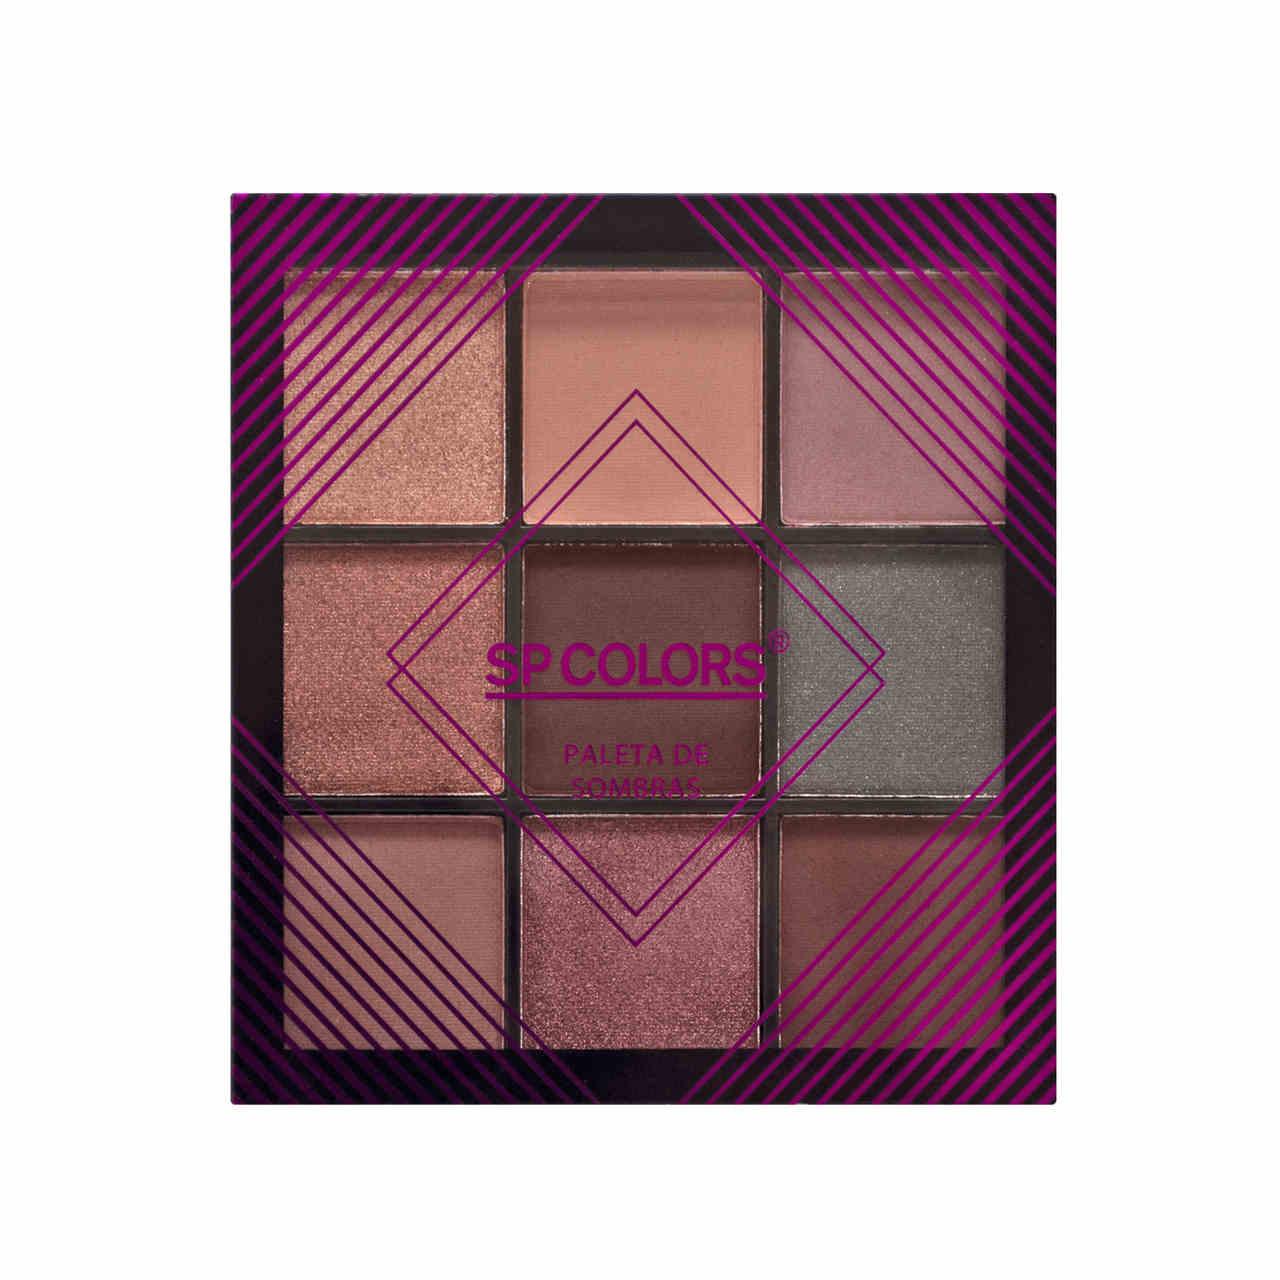 Paleta de Sombras SP Colors